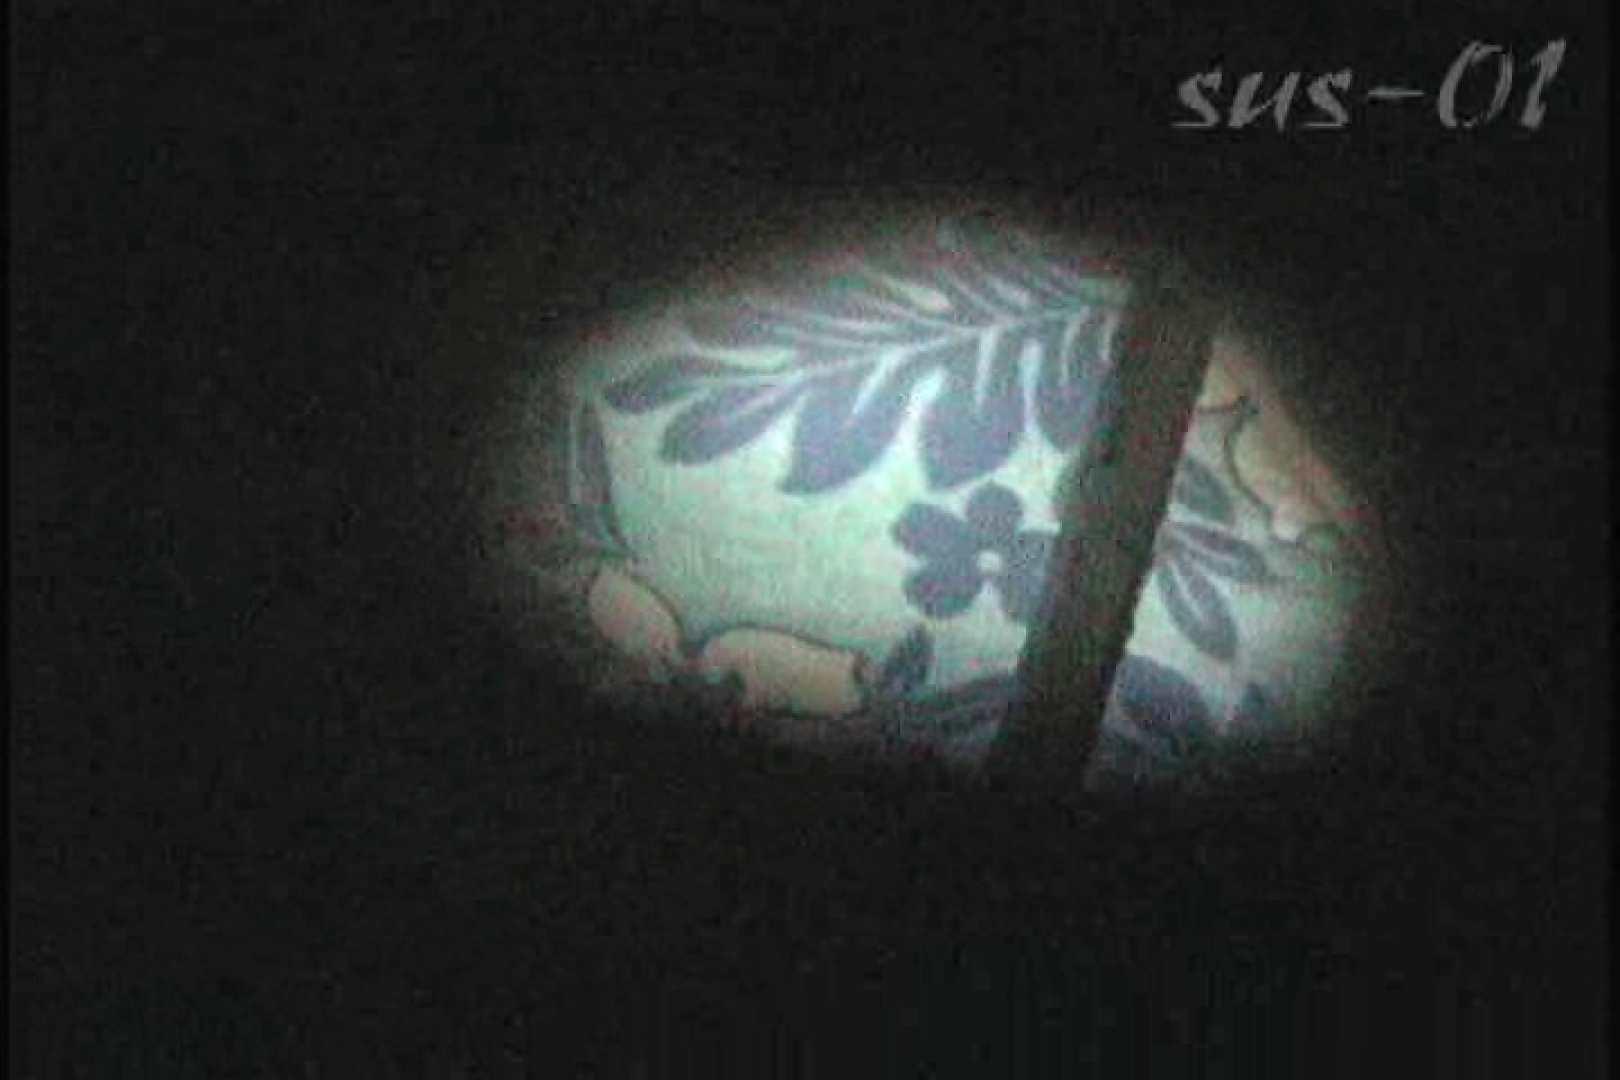 サターンさんのウル技炸裂!!夏乙女★海の家シャワー室絵巻 Vol.01 OL | シャワー中  103連発 81